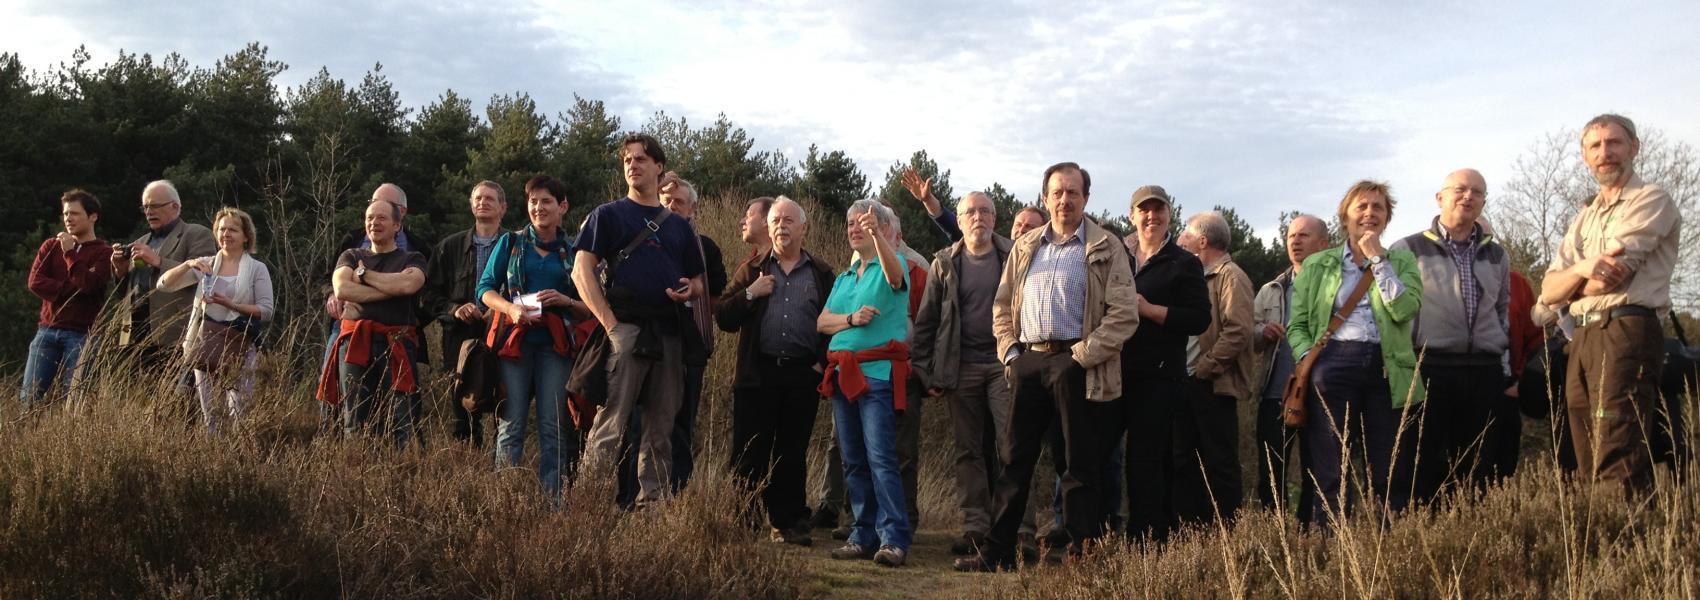 grote groep genietend van het landschap